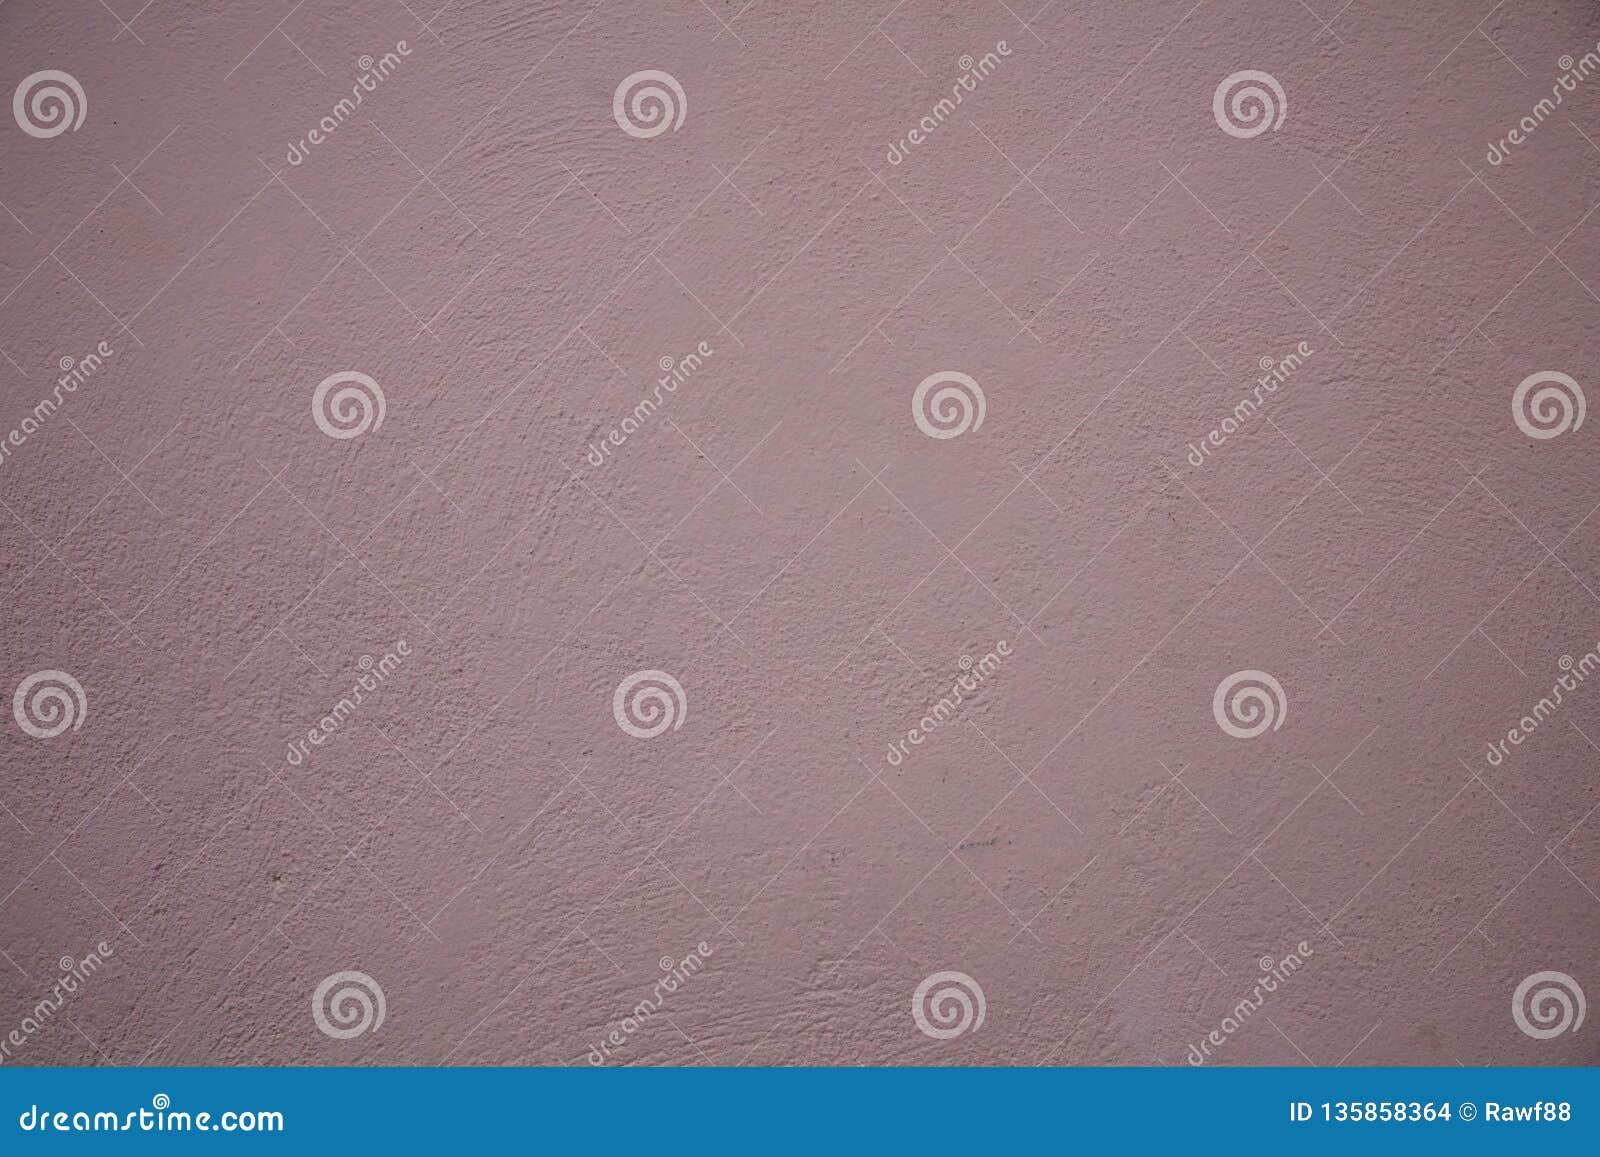 Superieur Couleur Puce Et Mauve Clair, Fond Grunge Peint De Texture De Mur